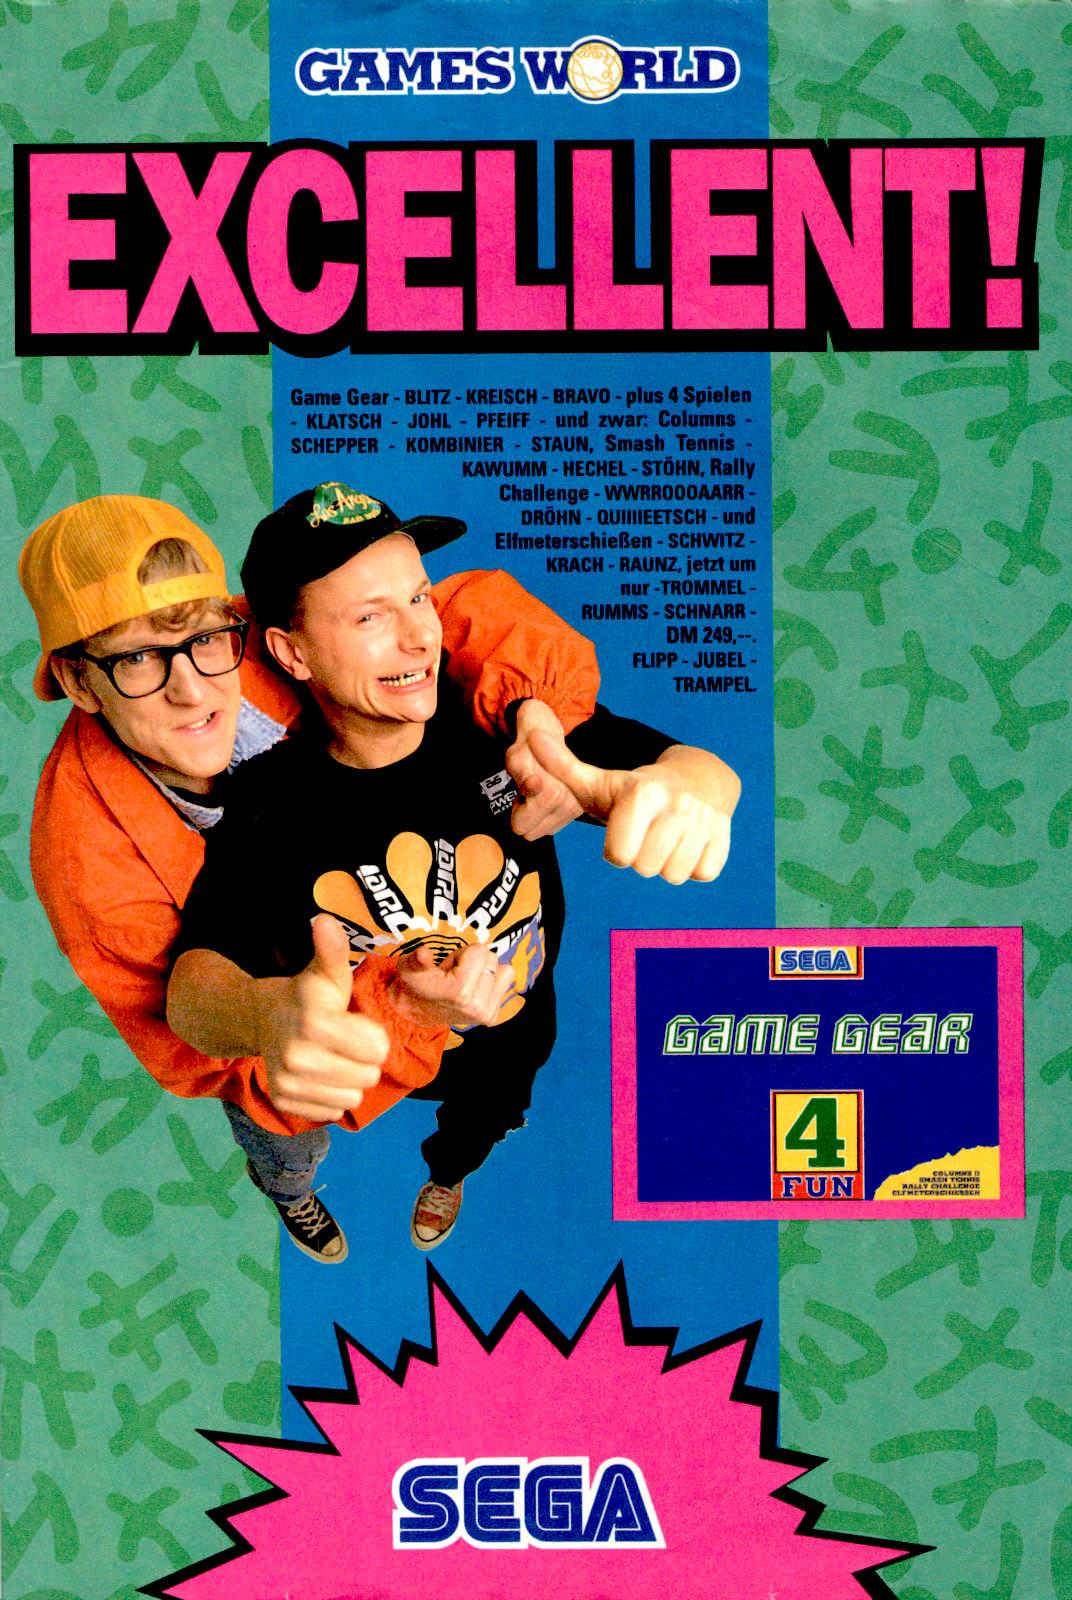 Werbeanzeige für das SEGA Game Gear. Micky Maus Magazin, Ausgabe Nr. 15 vom 07.04.1993. (Bildrechte: Egmont Ehapa Media GmbH)